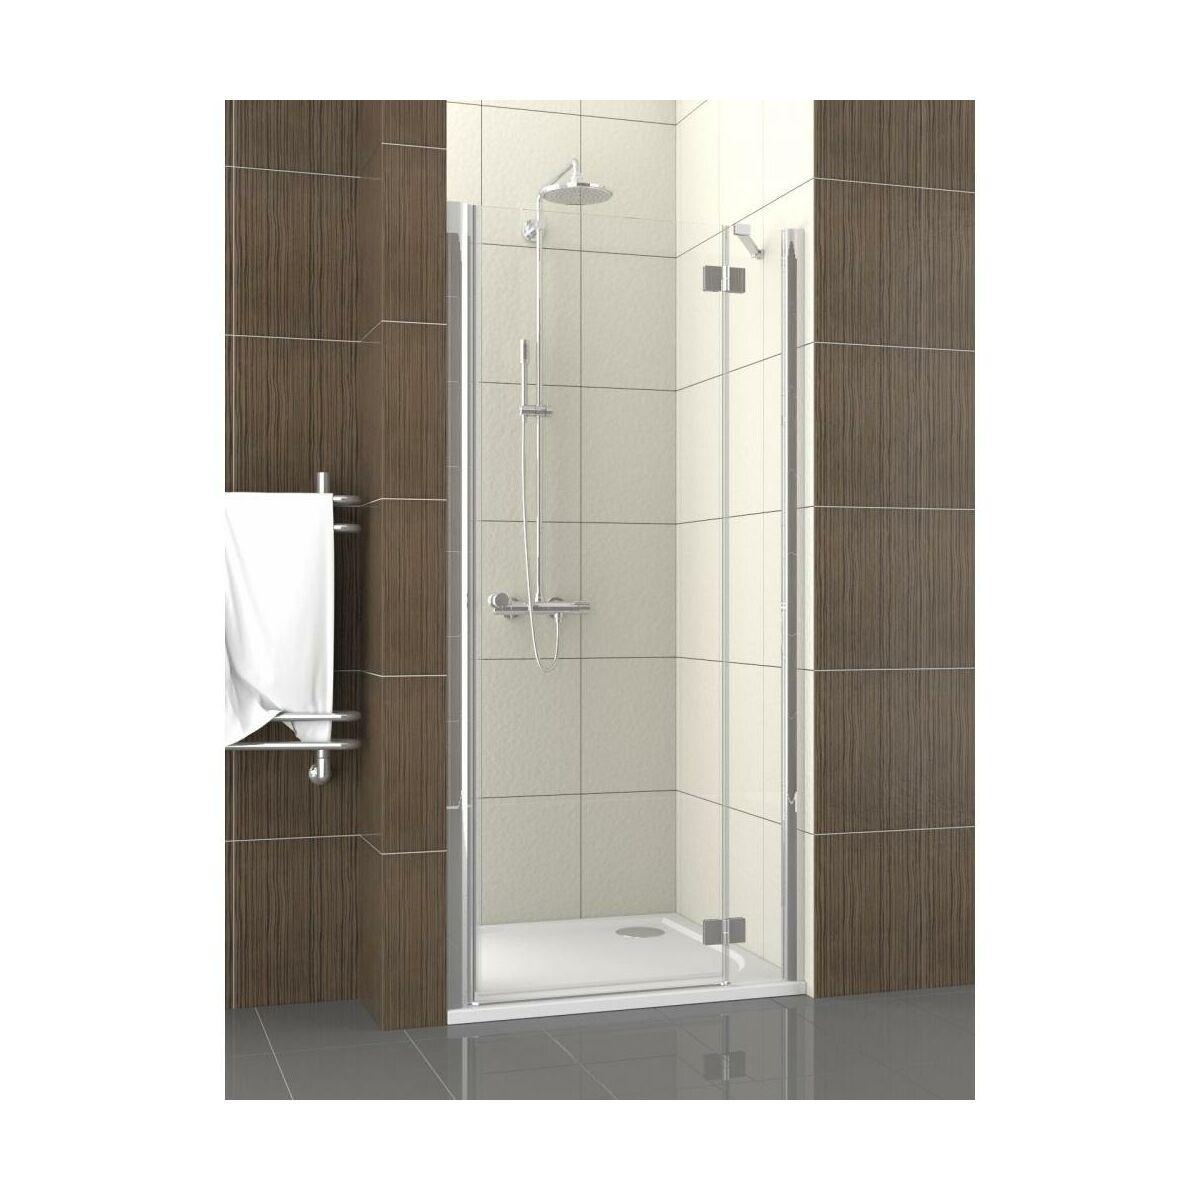 Drzwi prysznicowe valence drzwi i cianki prysznicowe - Le roy merlin valence ...